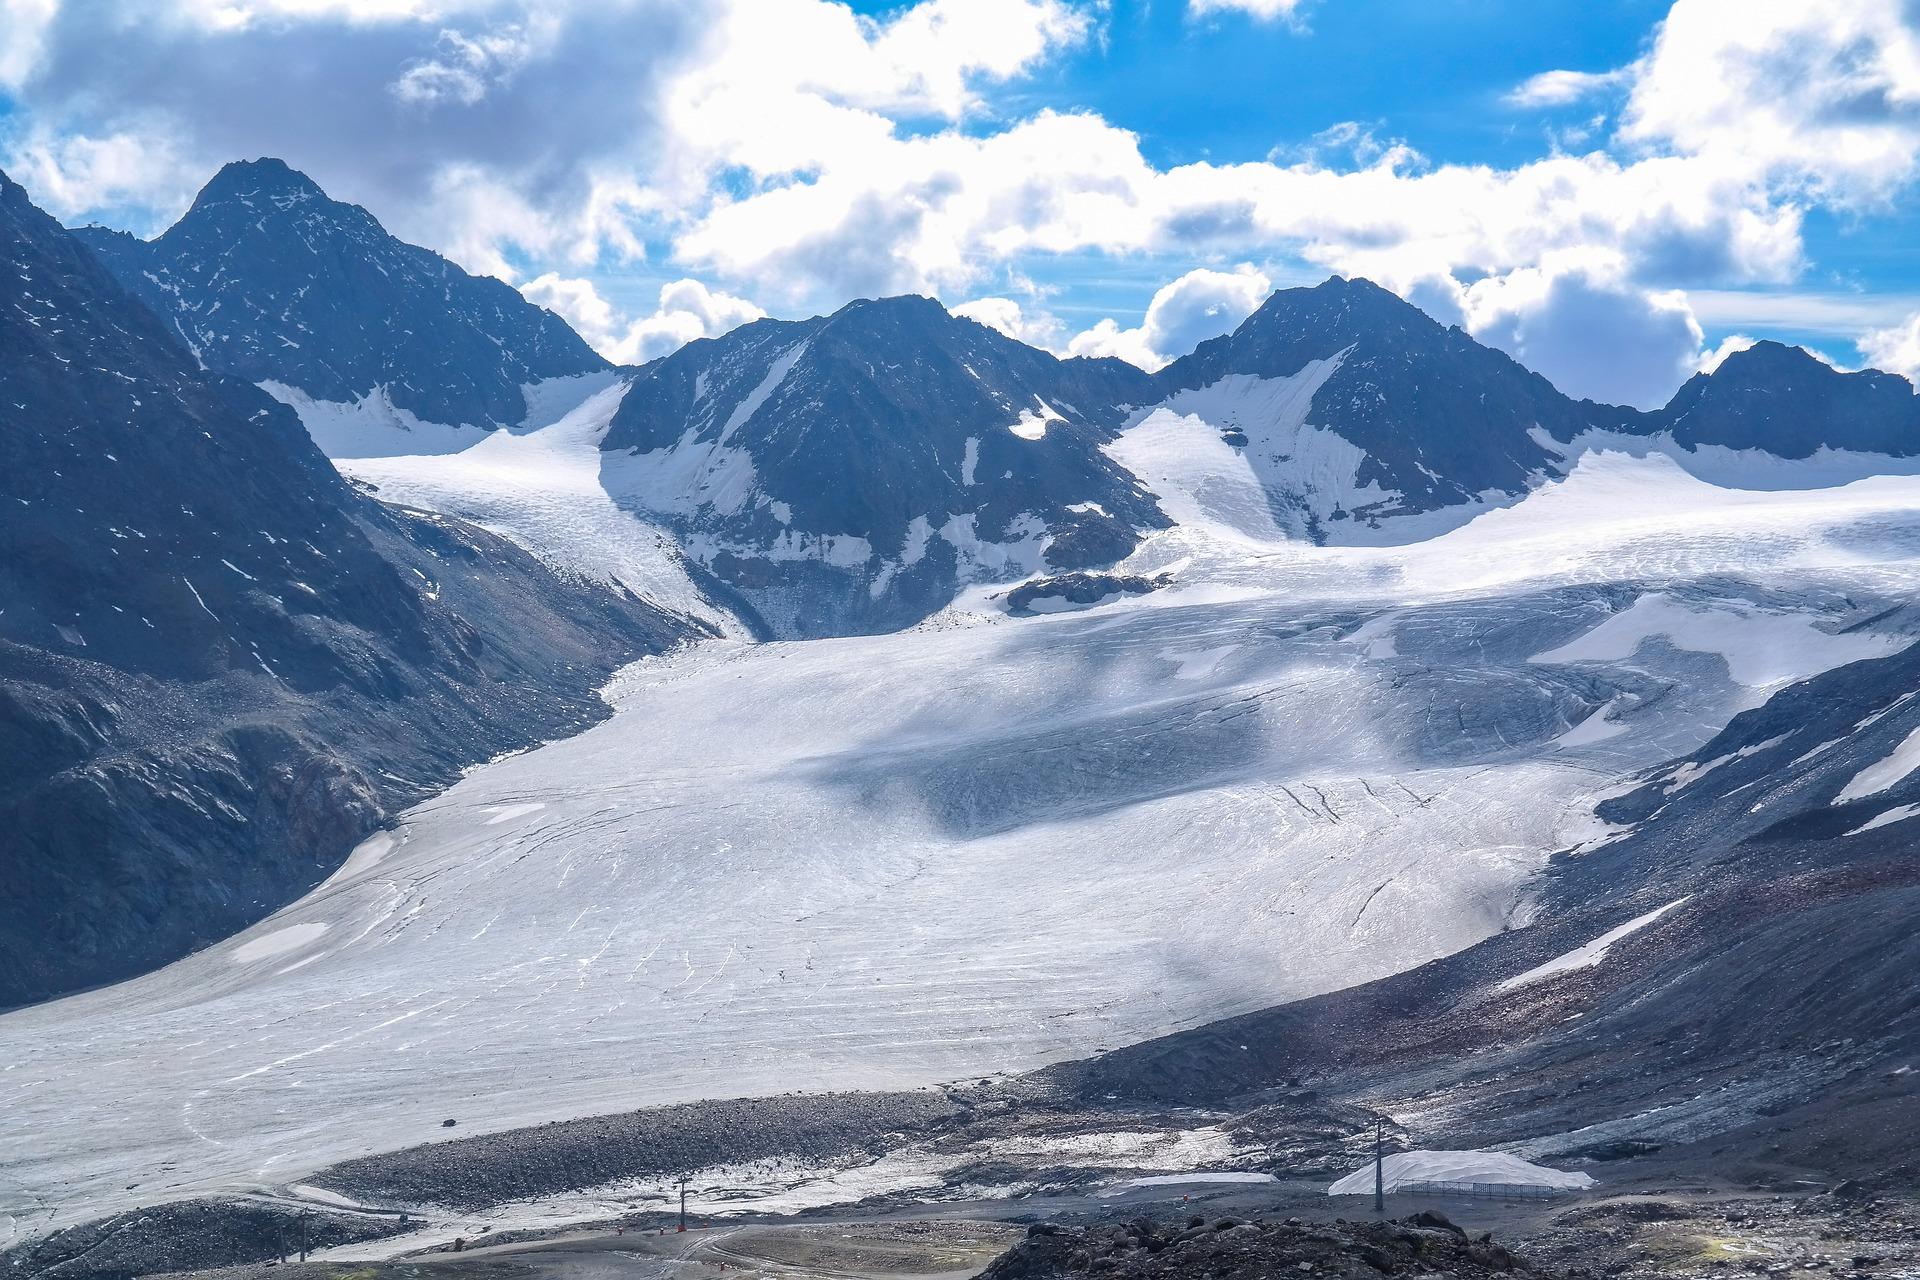 De Pitztaler gletsjer